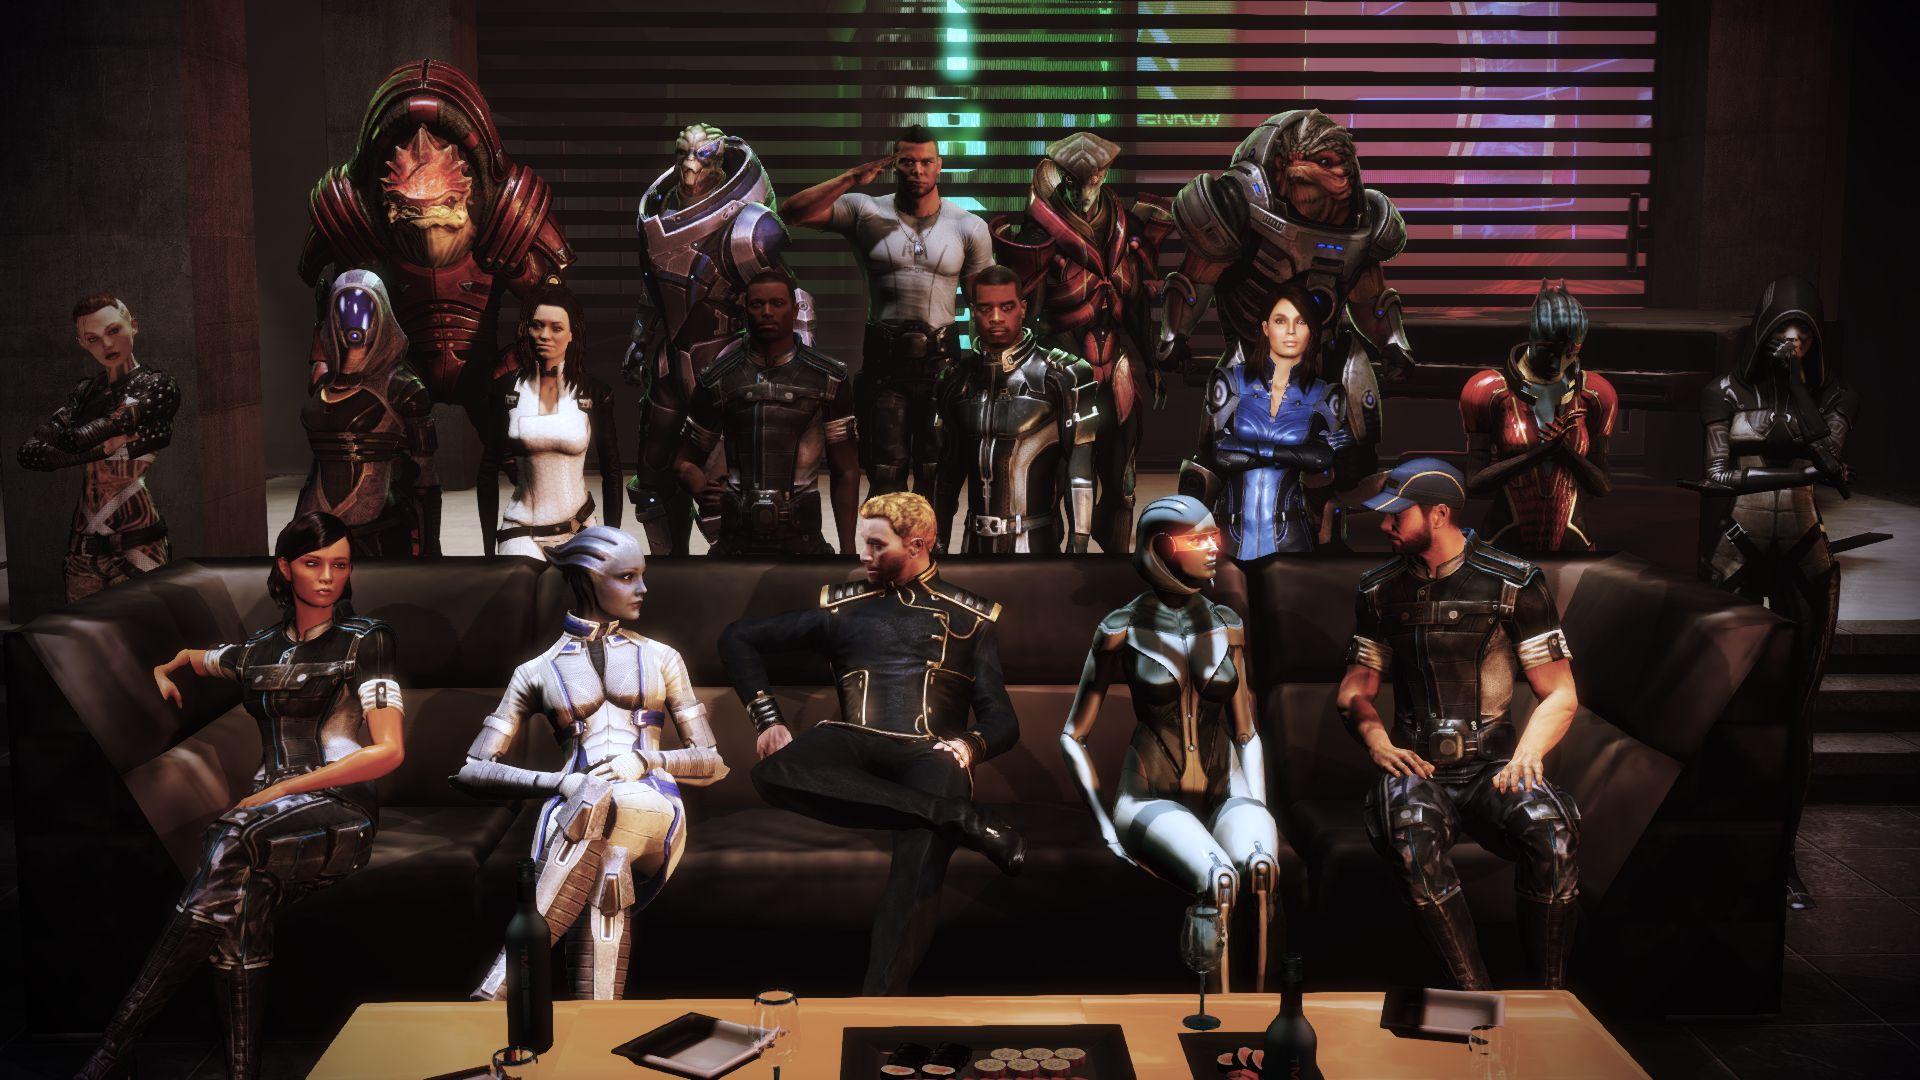 Прошел Цитадель - это все-таки лучшее DLC. Все  теперь в последний путь на финальную миссию. - Изображение 1